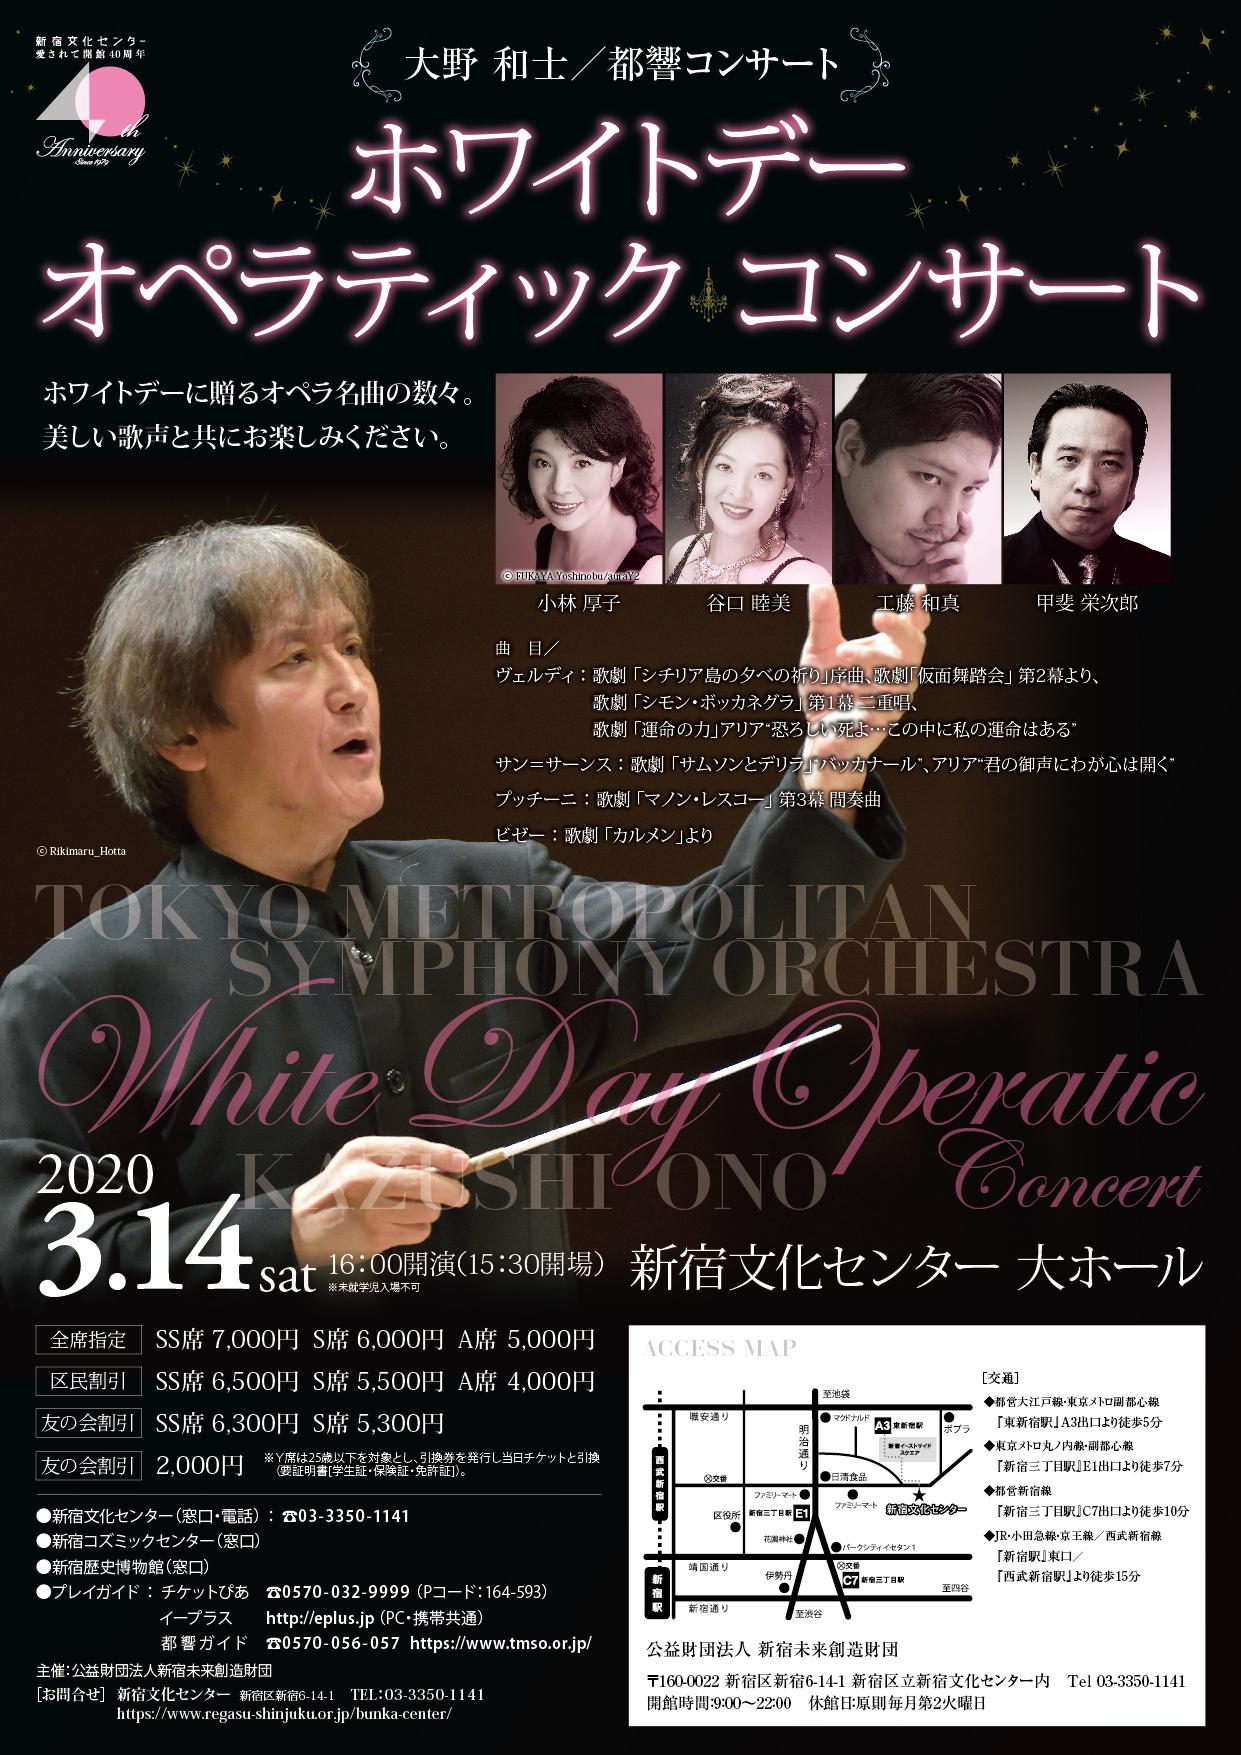 【中止】大野和士×都響「ホワイトデー・ オペラティック・コンサート」